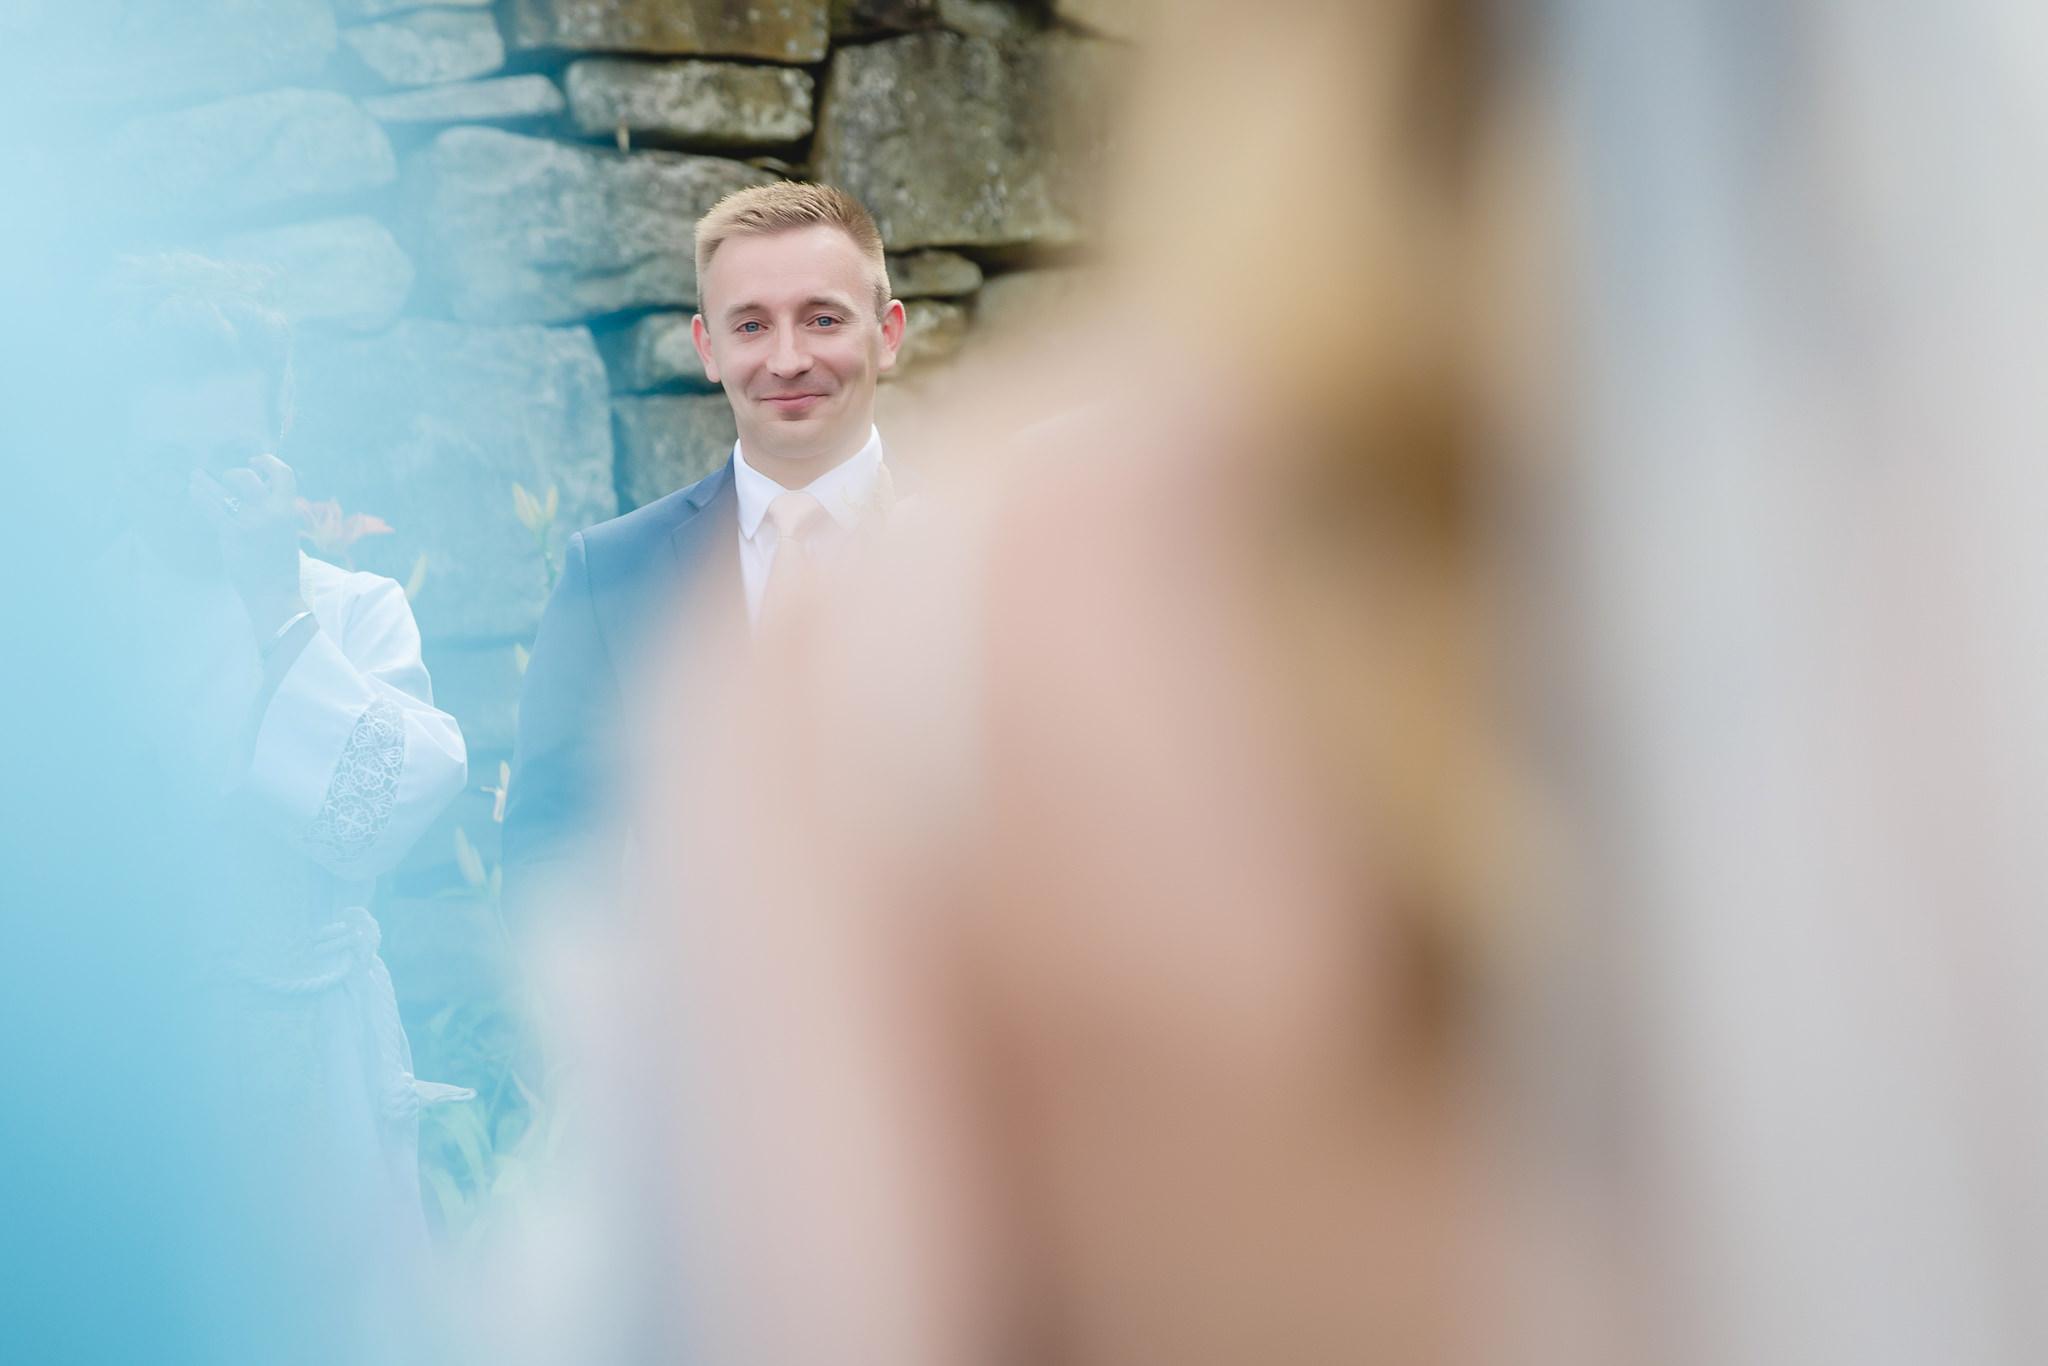 Groom tears up seeing his bride walk down the aisle at Hidden Valley Resort